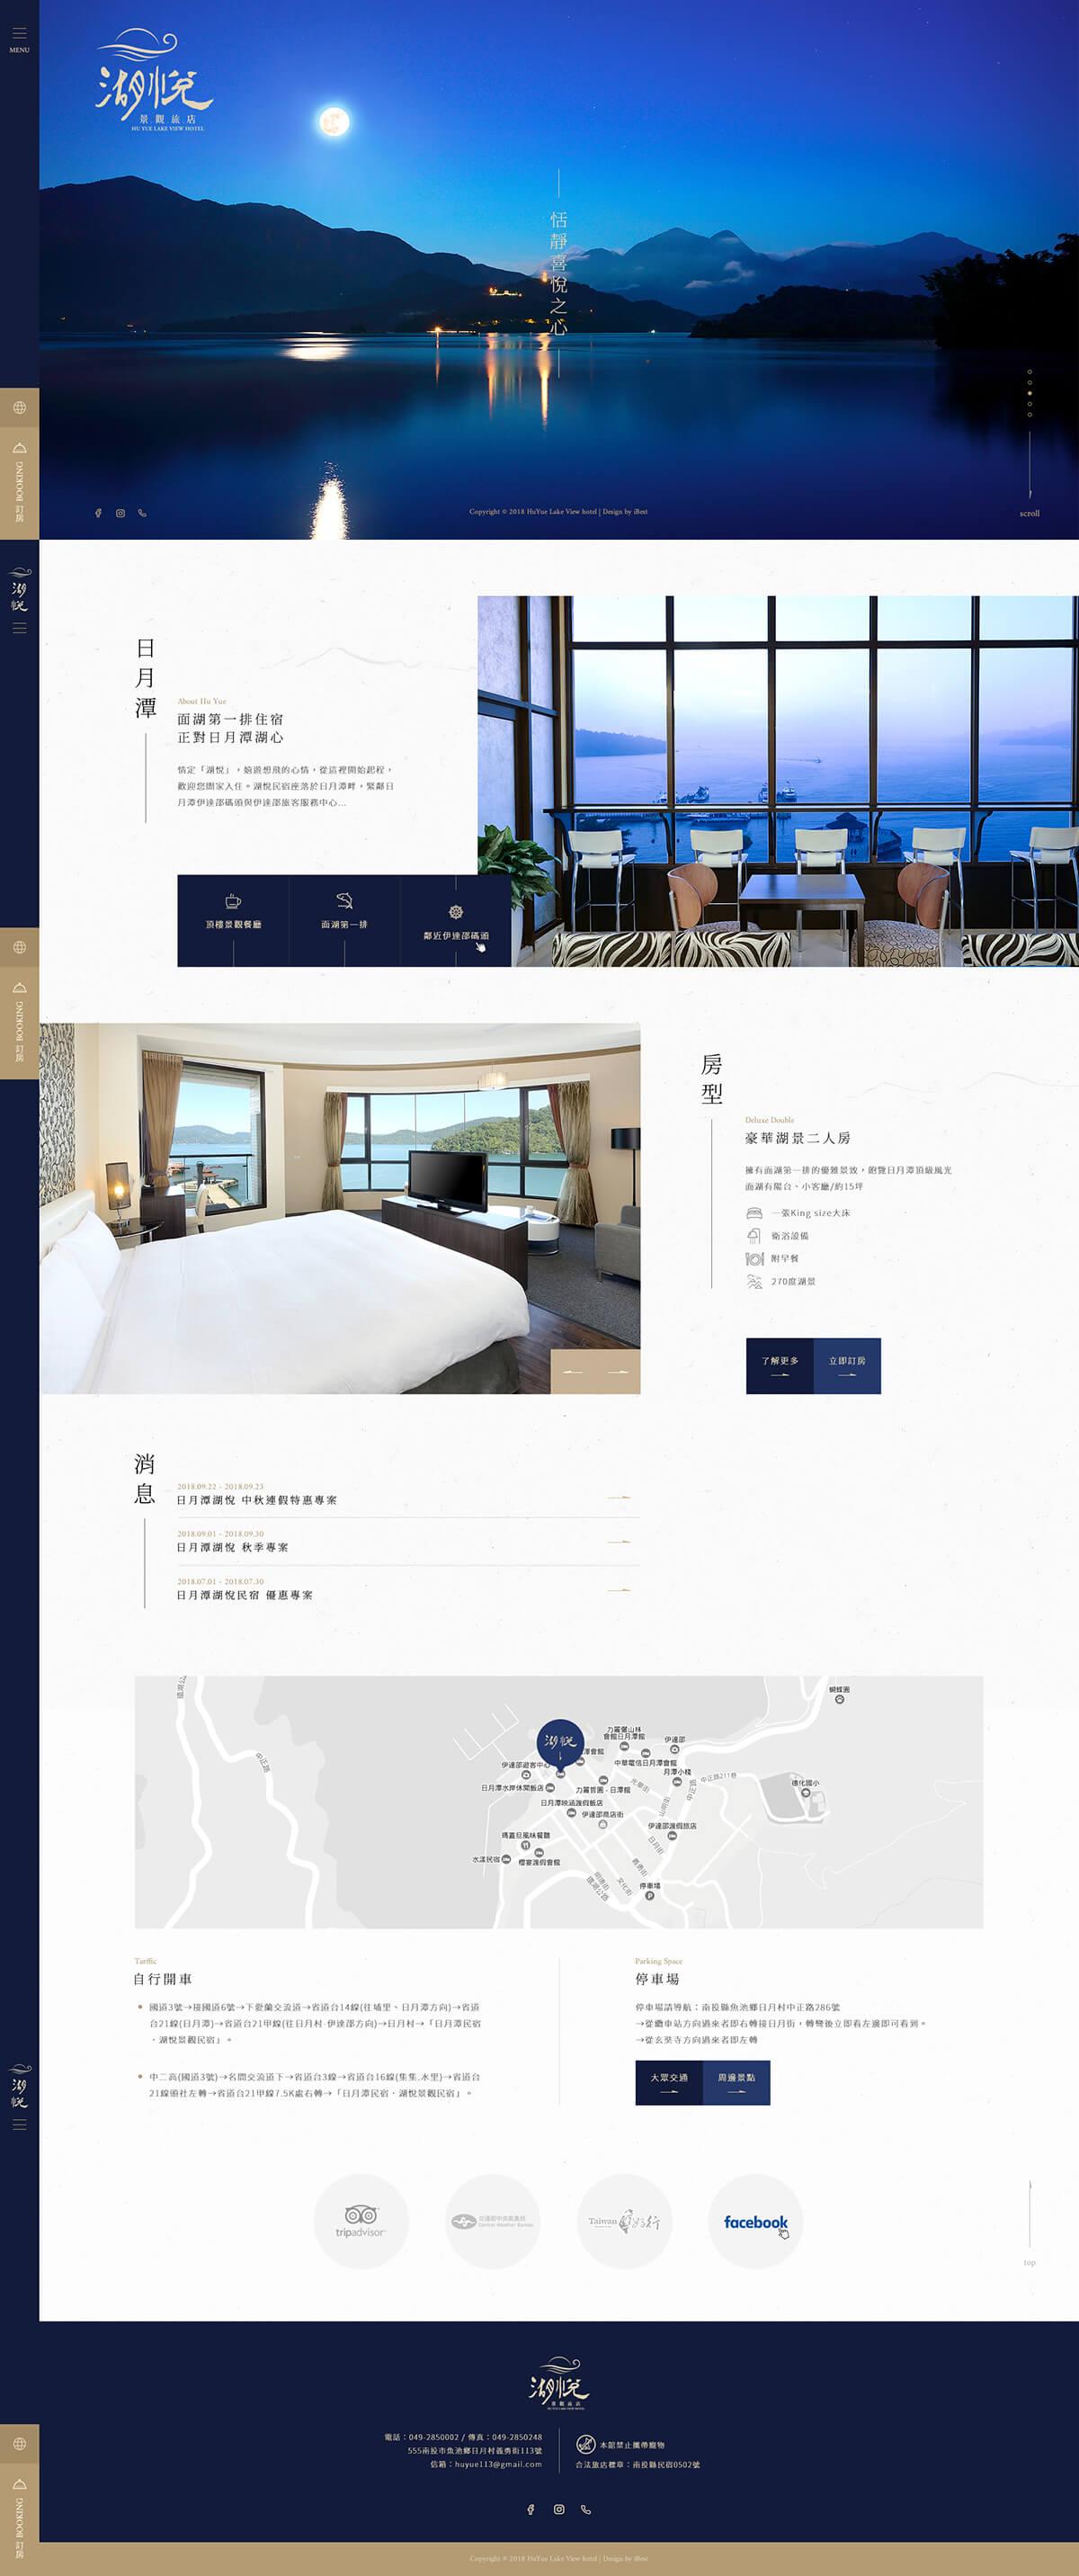 湖悅景觀旅店-網頁設計